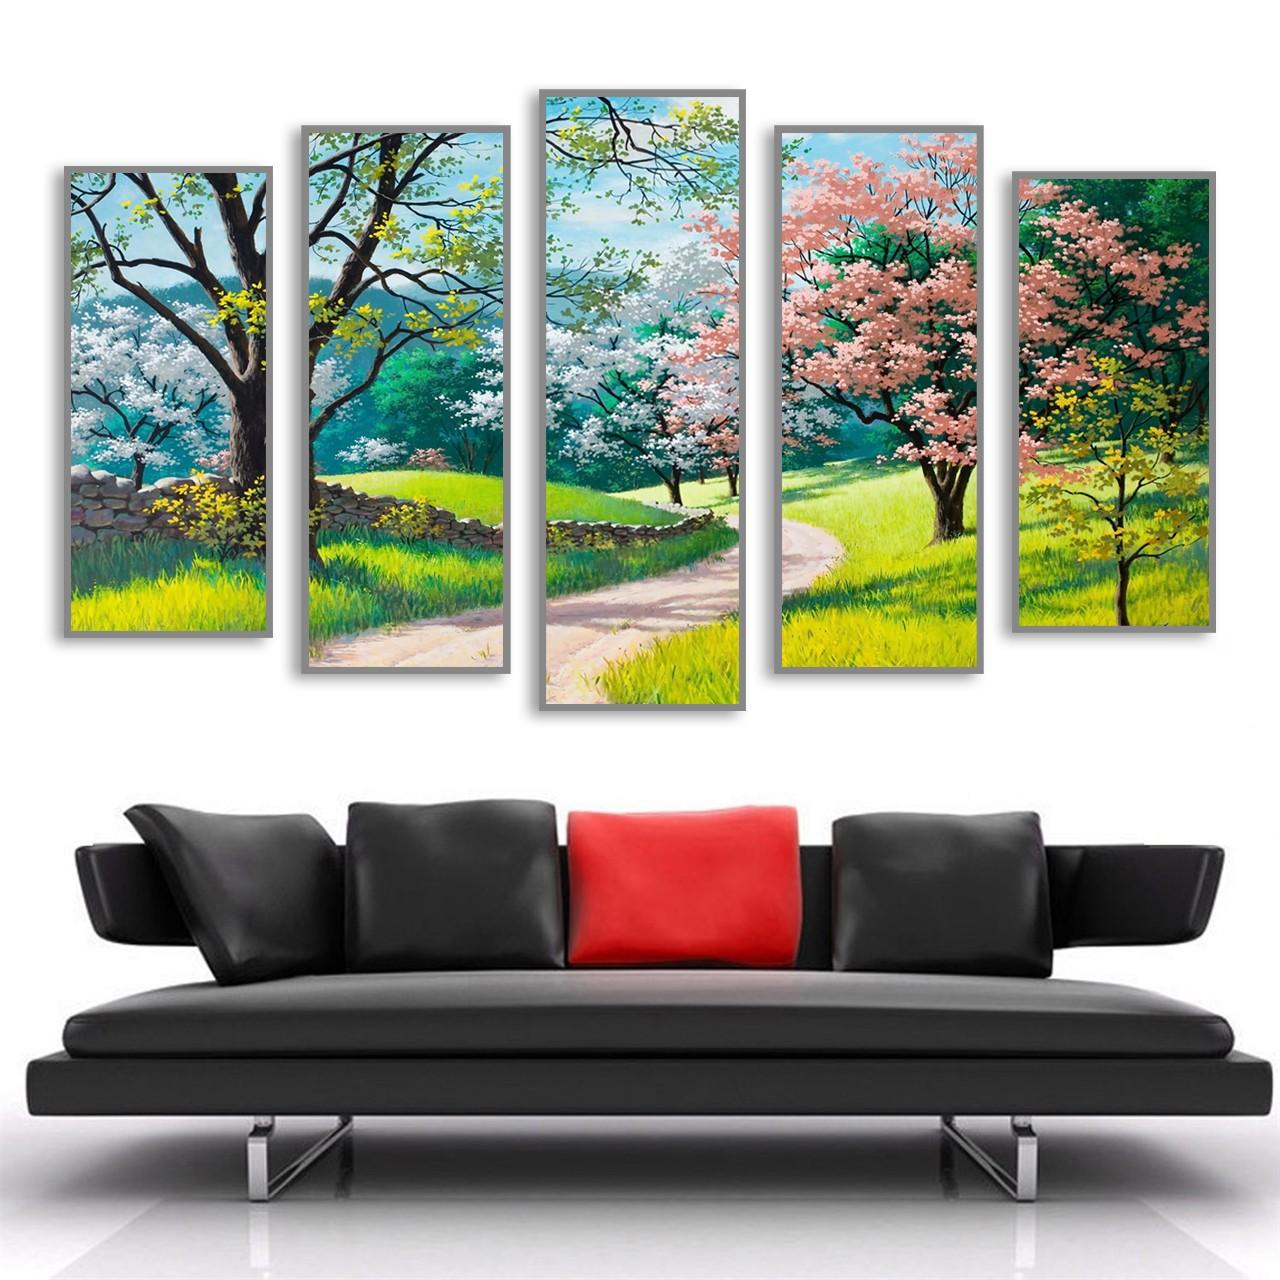 Tùy thuộc vào kích thước, độ dài, dày của bức tranh mà khung tranh sẽ được thiết kế phù hợp.